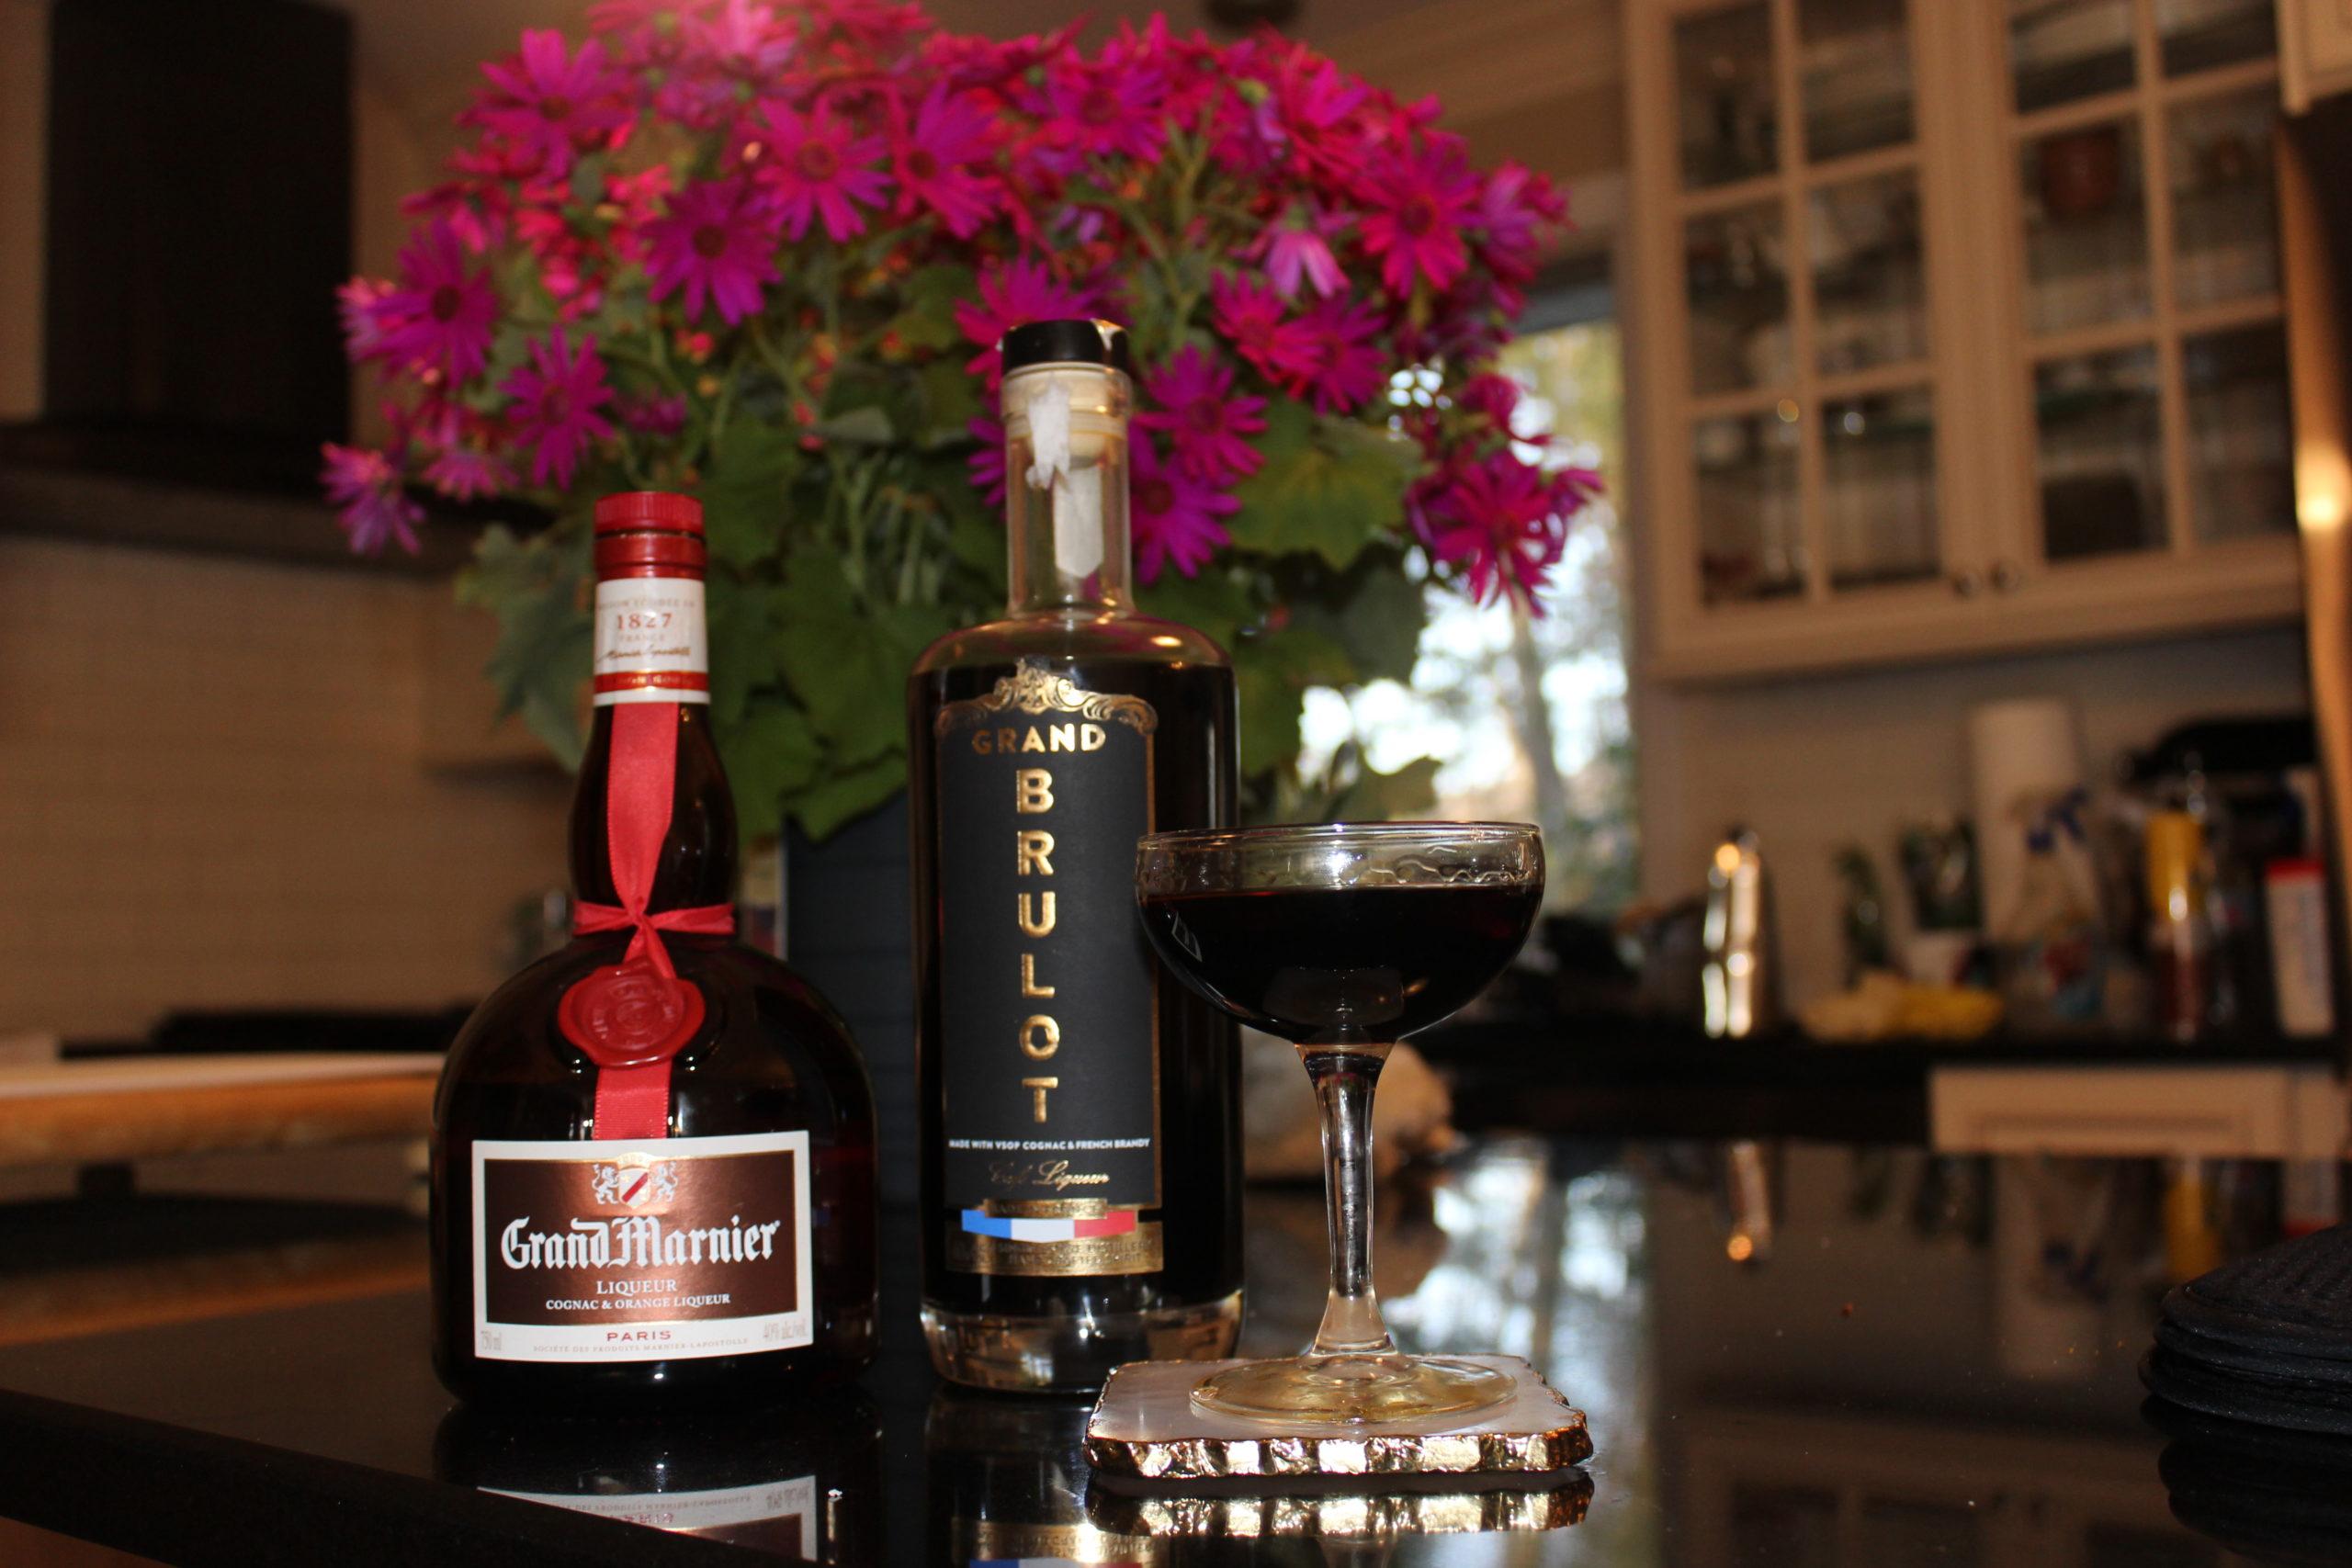 Grand Brulot Coffee Martini